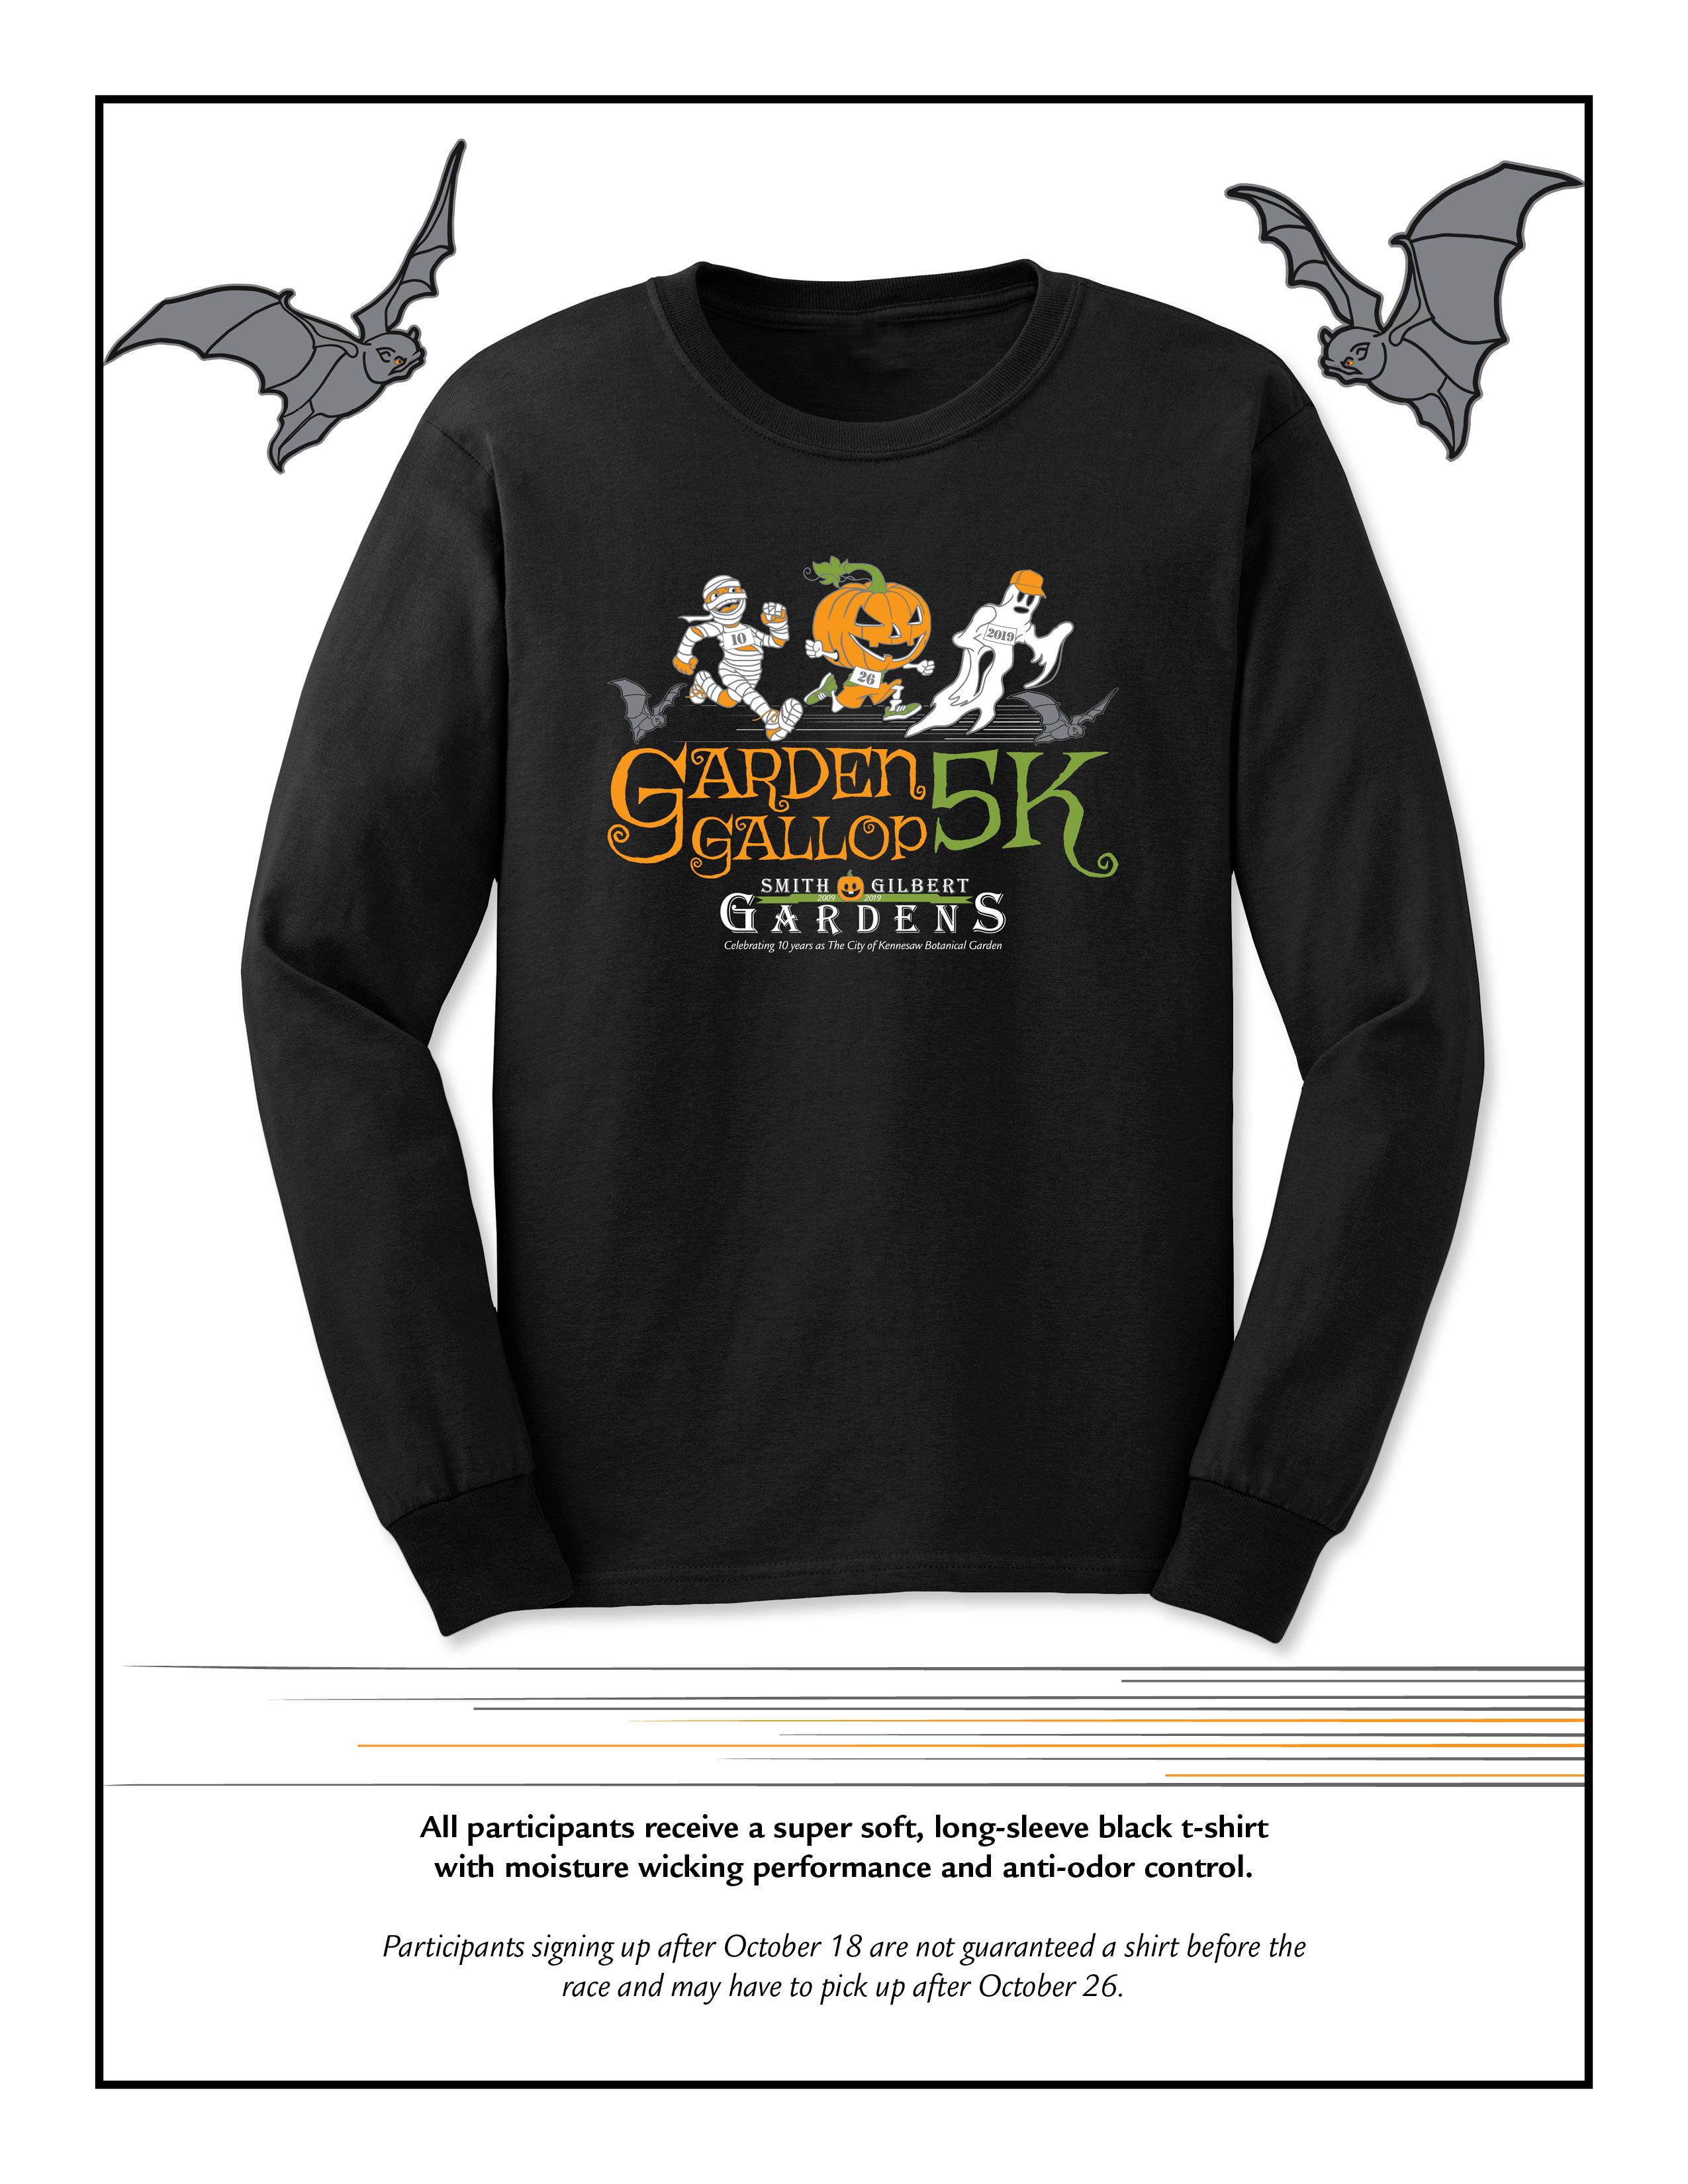 Garden Gallop 5k race shirt